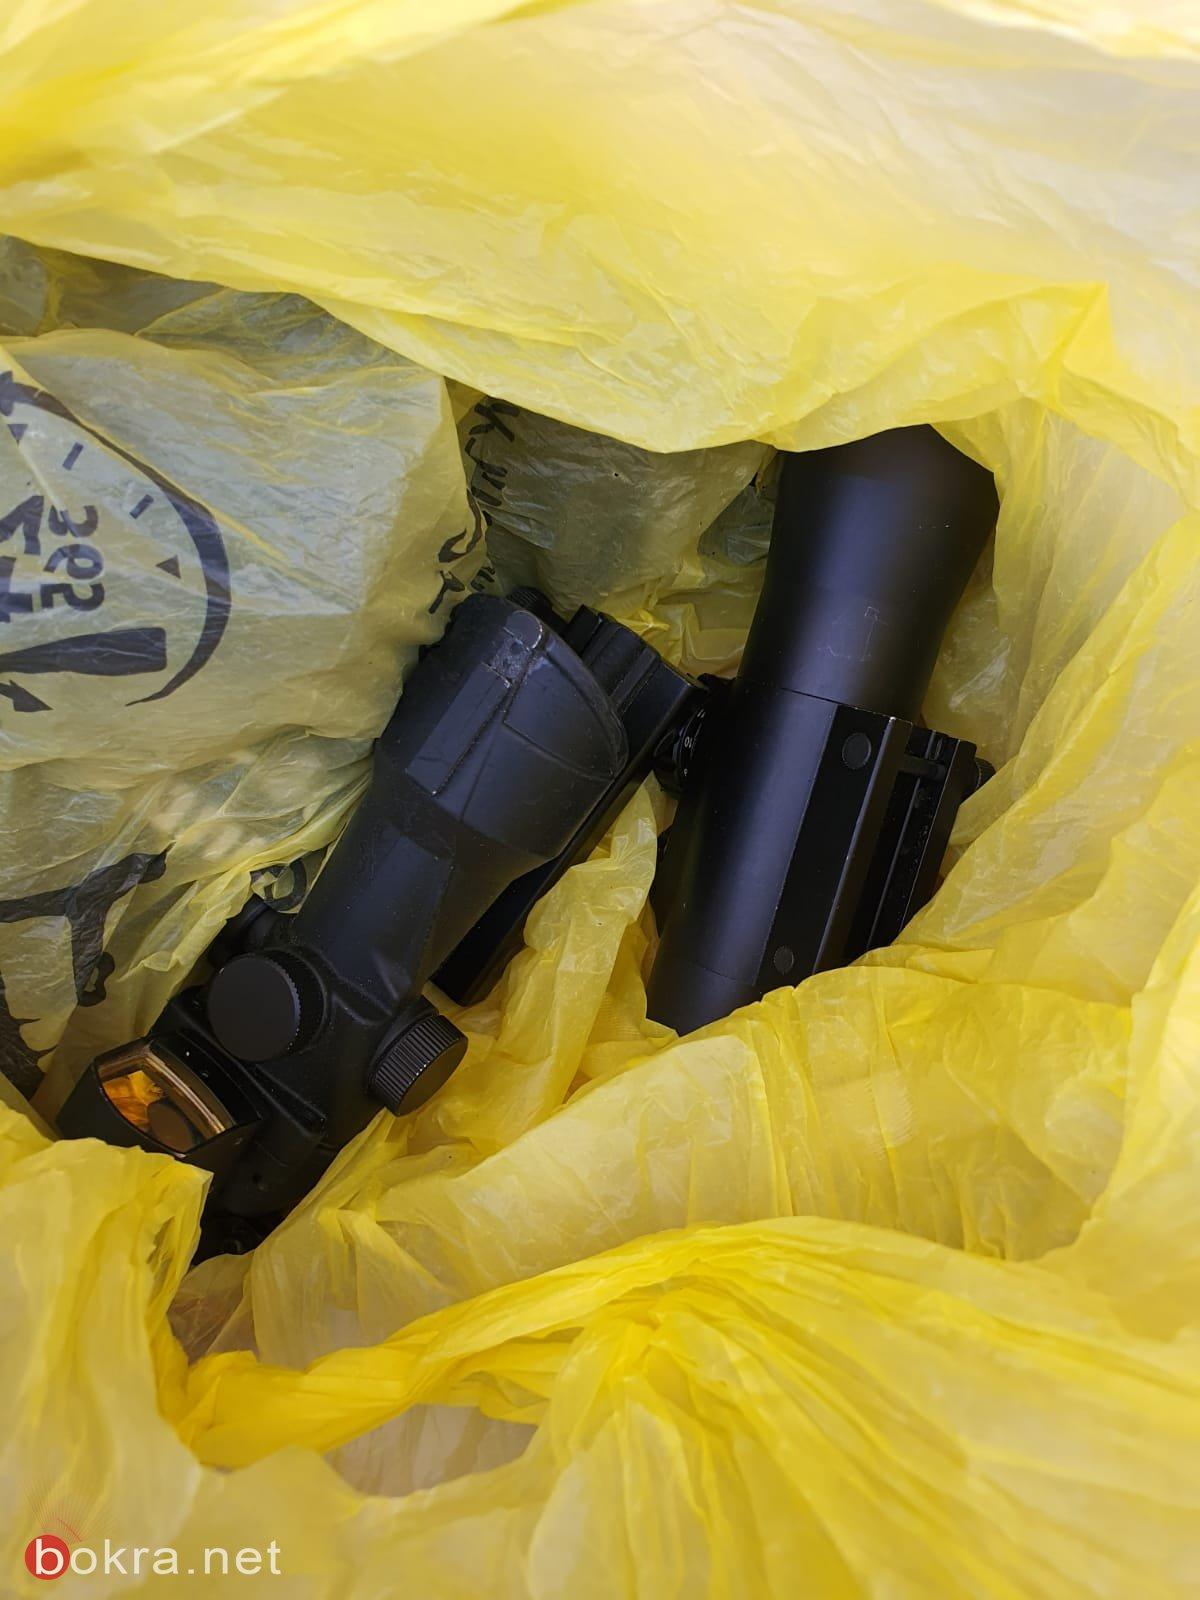 شقيب السلام: اعتقال 4 مشتبهين بشبهة حيازة اسلحة غير قانونية